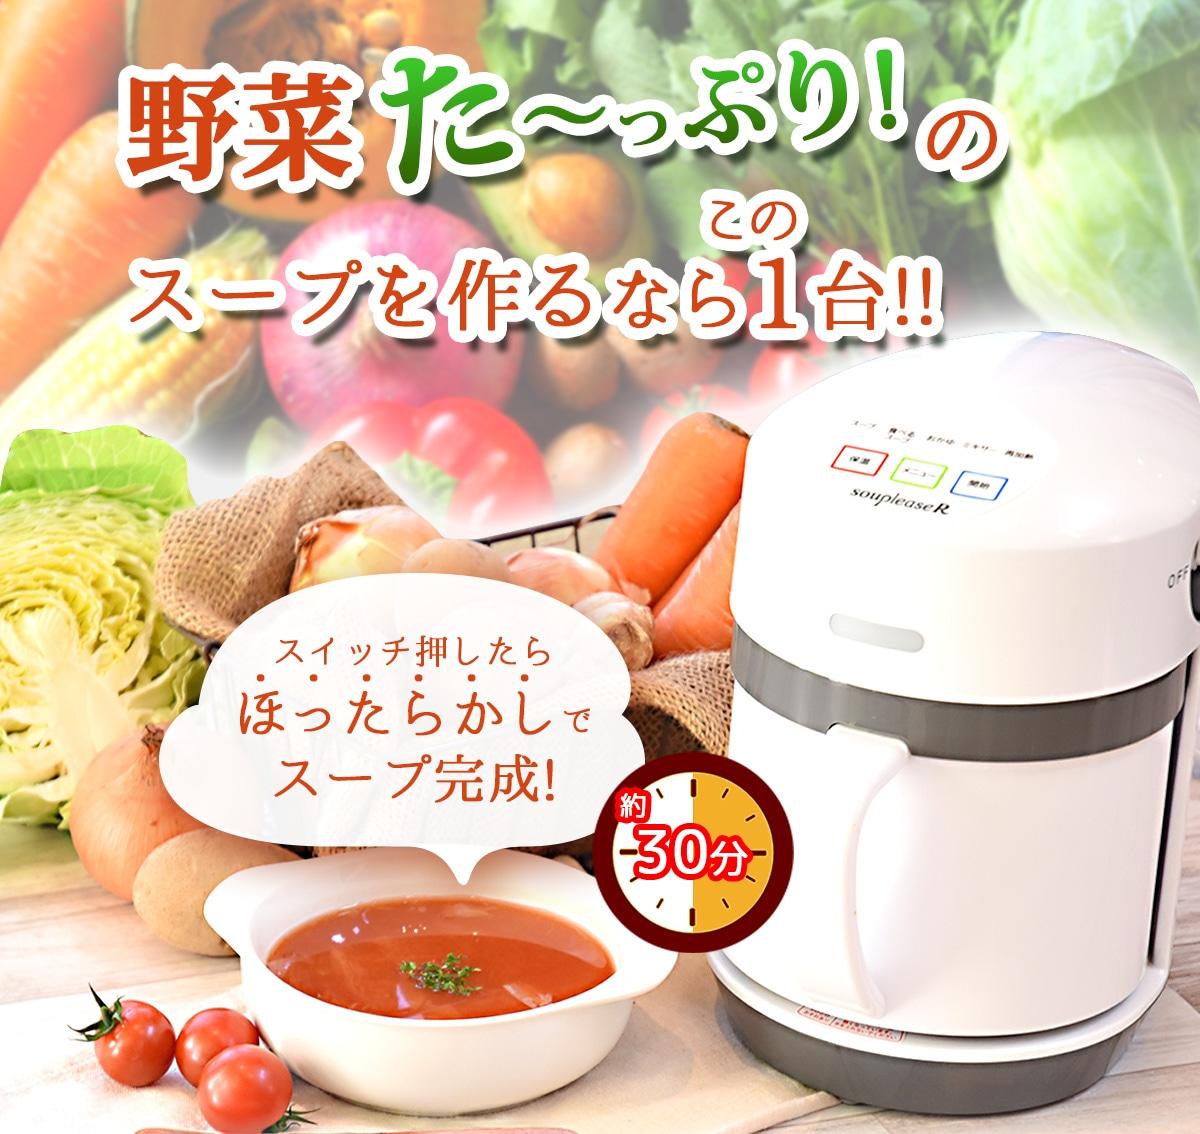 野菜たっぷりのスープを作るならこの1台